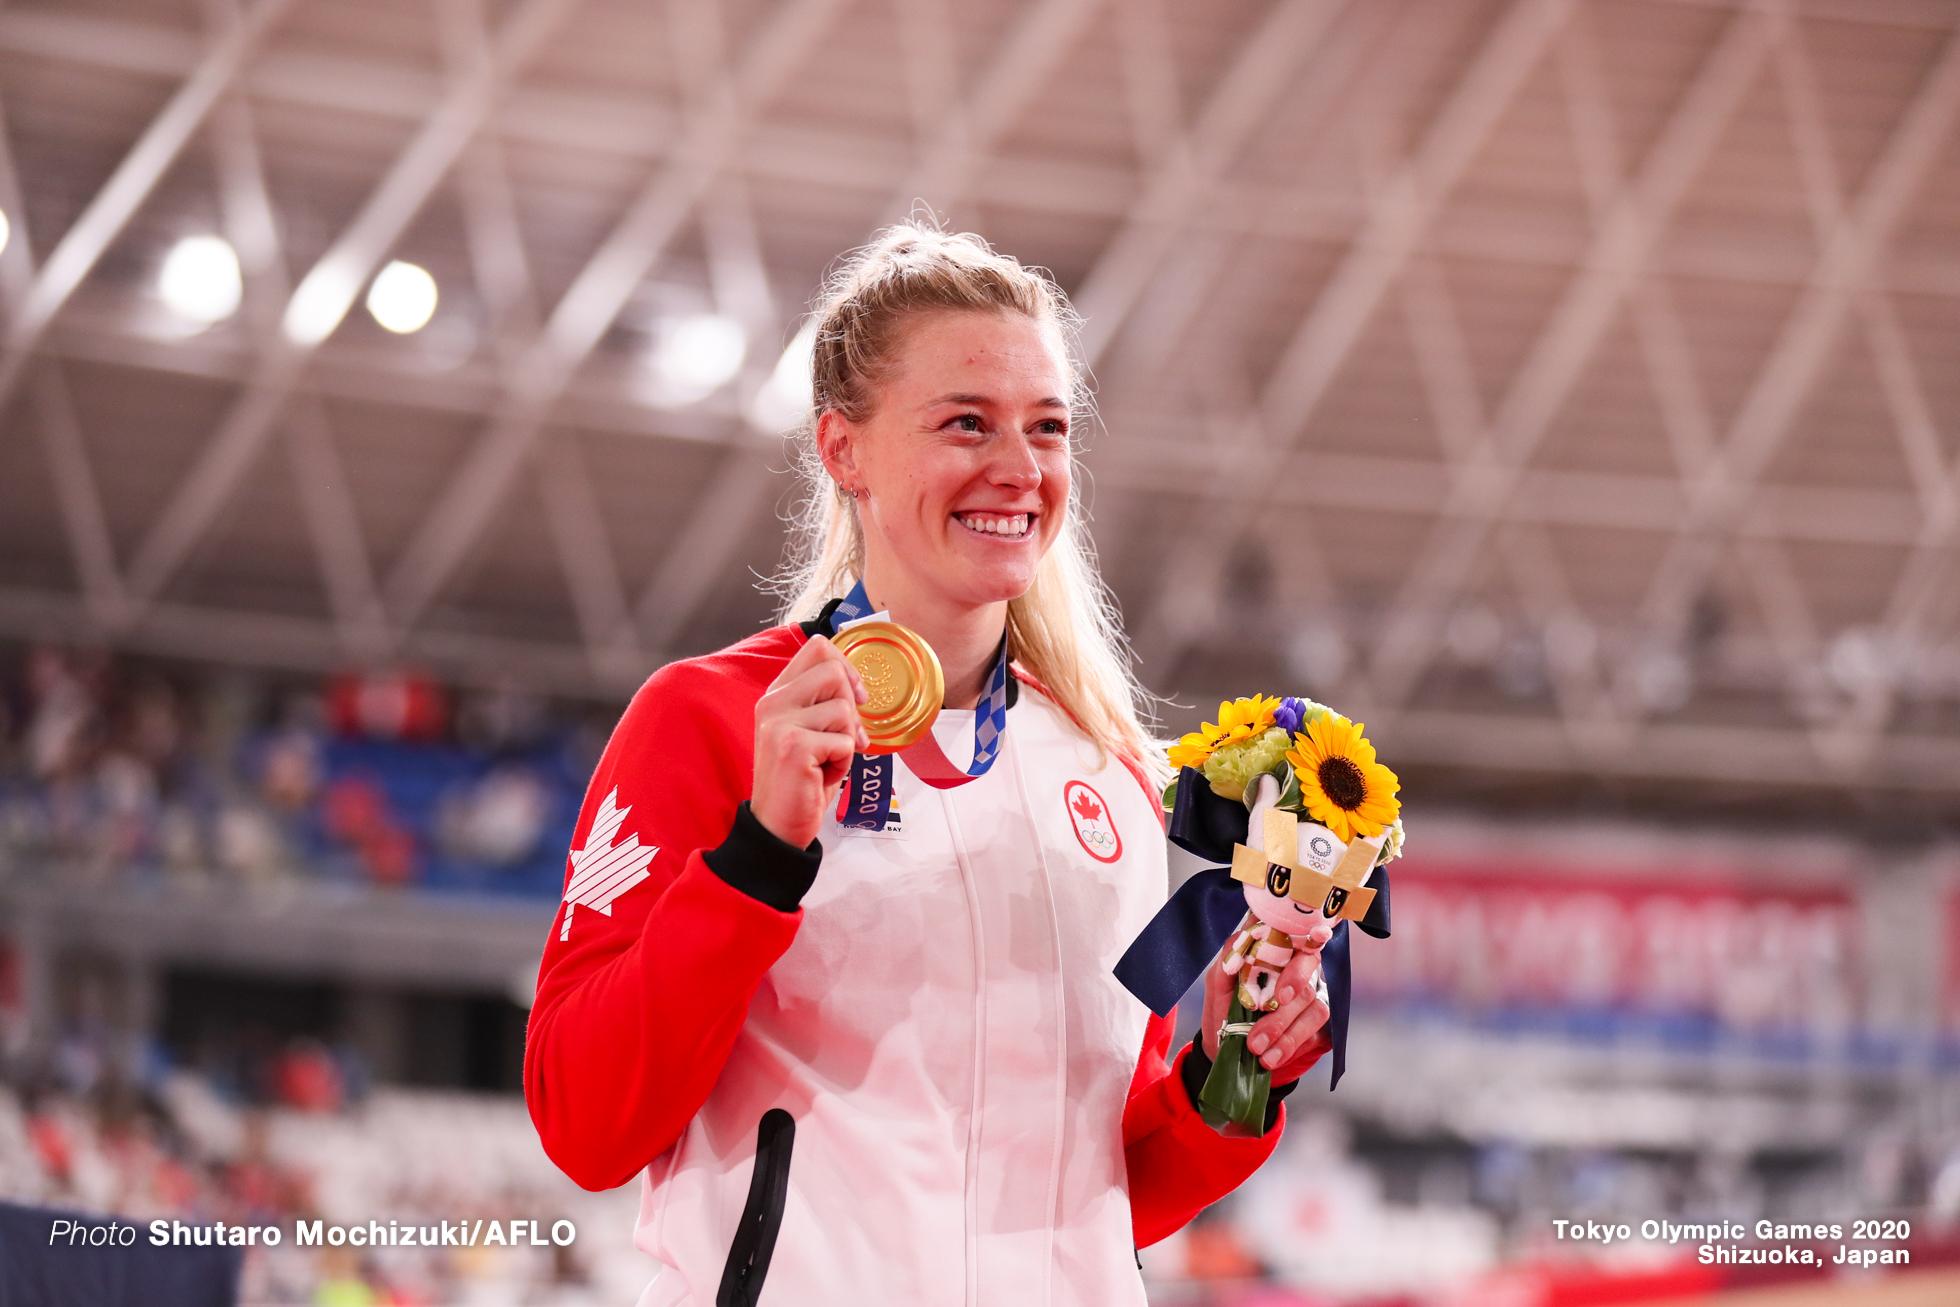 ケルシー・ミシェル Kelsey Mitchell (CAN), Women's Sprint Final AUGUST 8, 2021 - Cycling : during the Tokyo 2020 Olympic Games at the Izu Velodrome in Shizuoka, Japan. (Photo by Shutaro Mochizuki/AFLO)